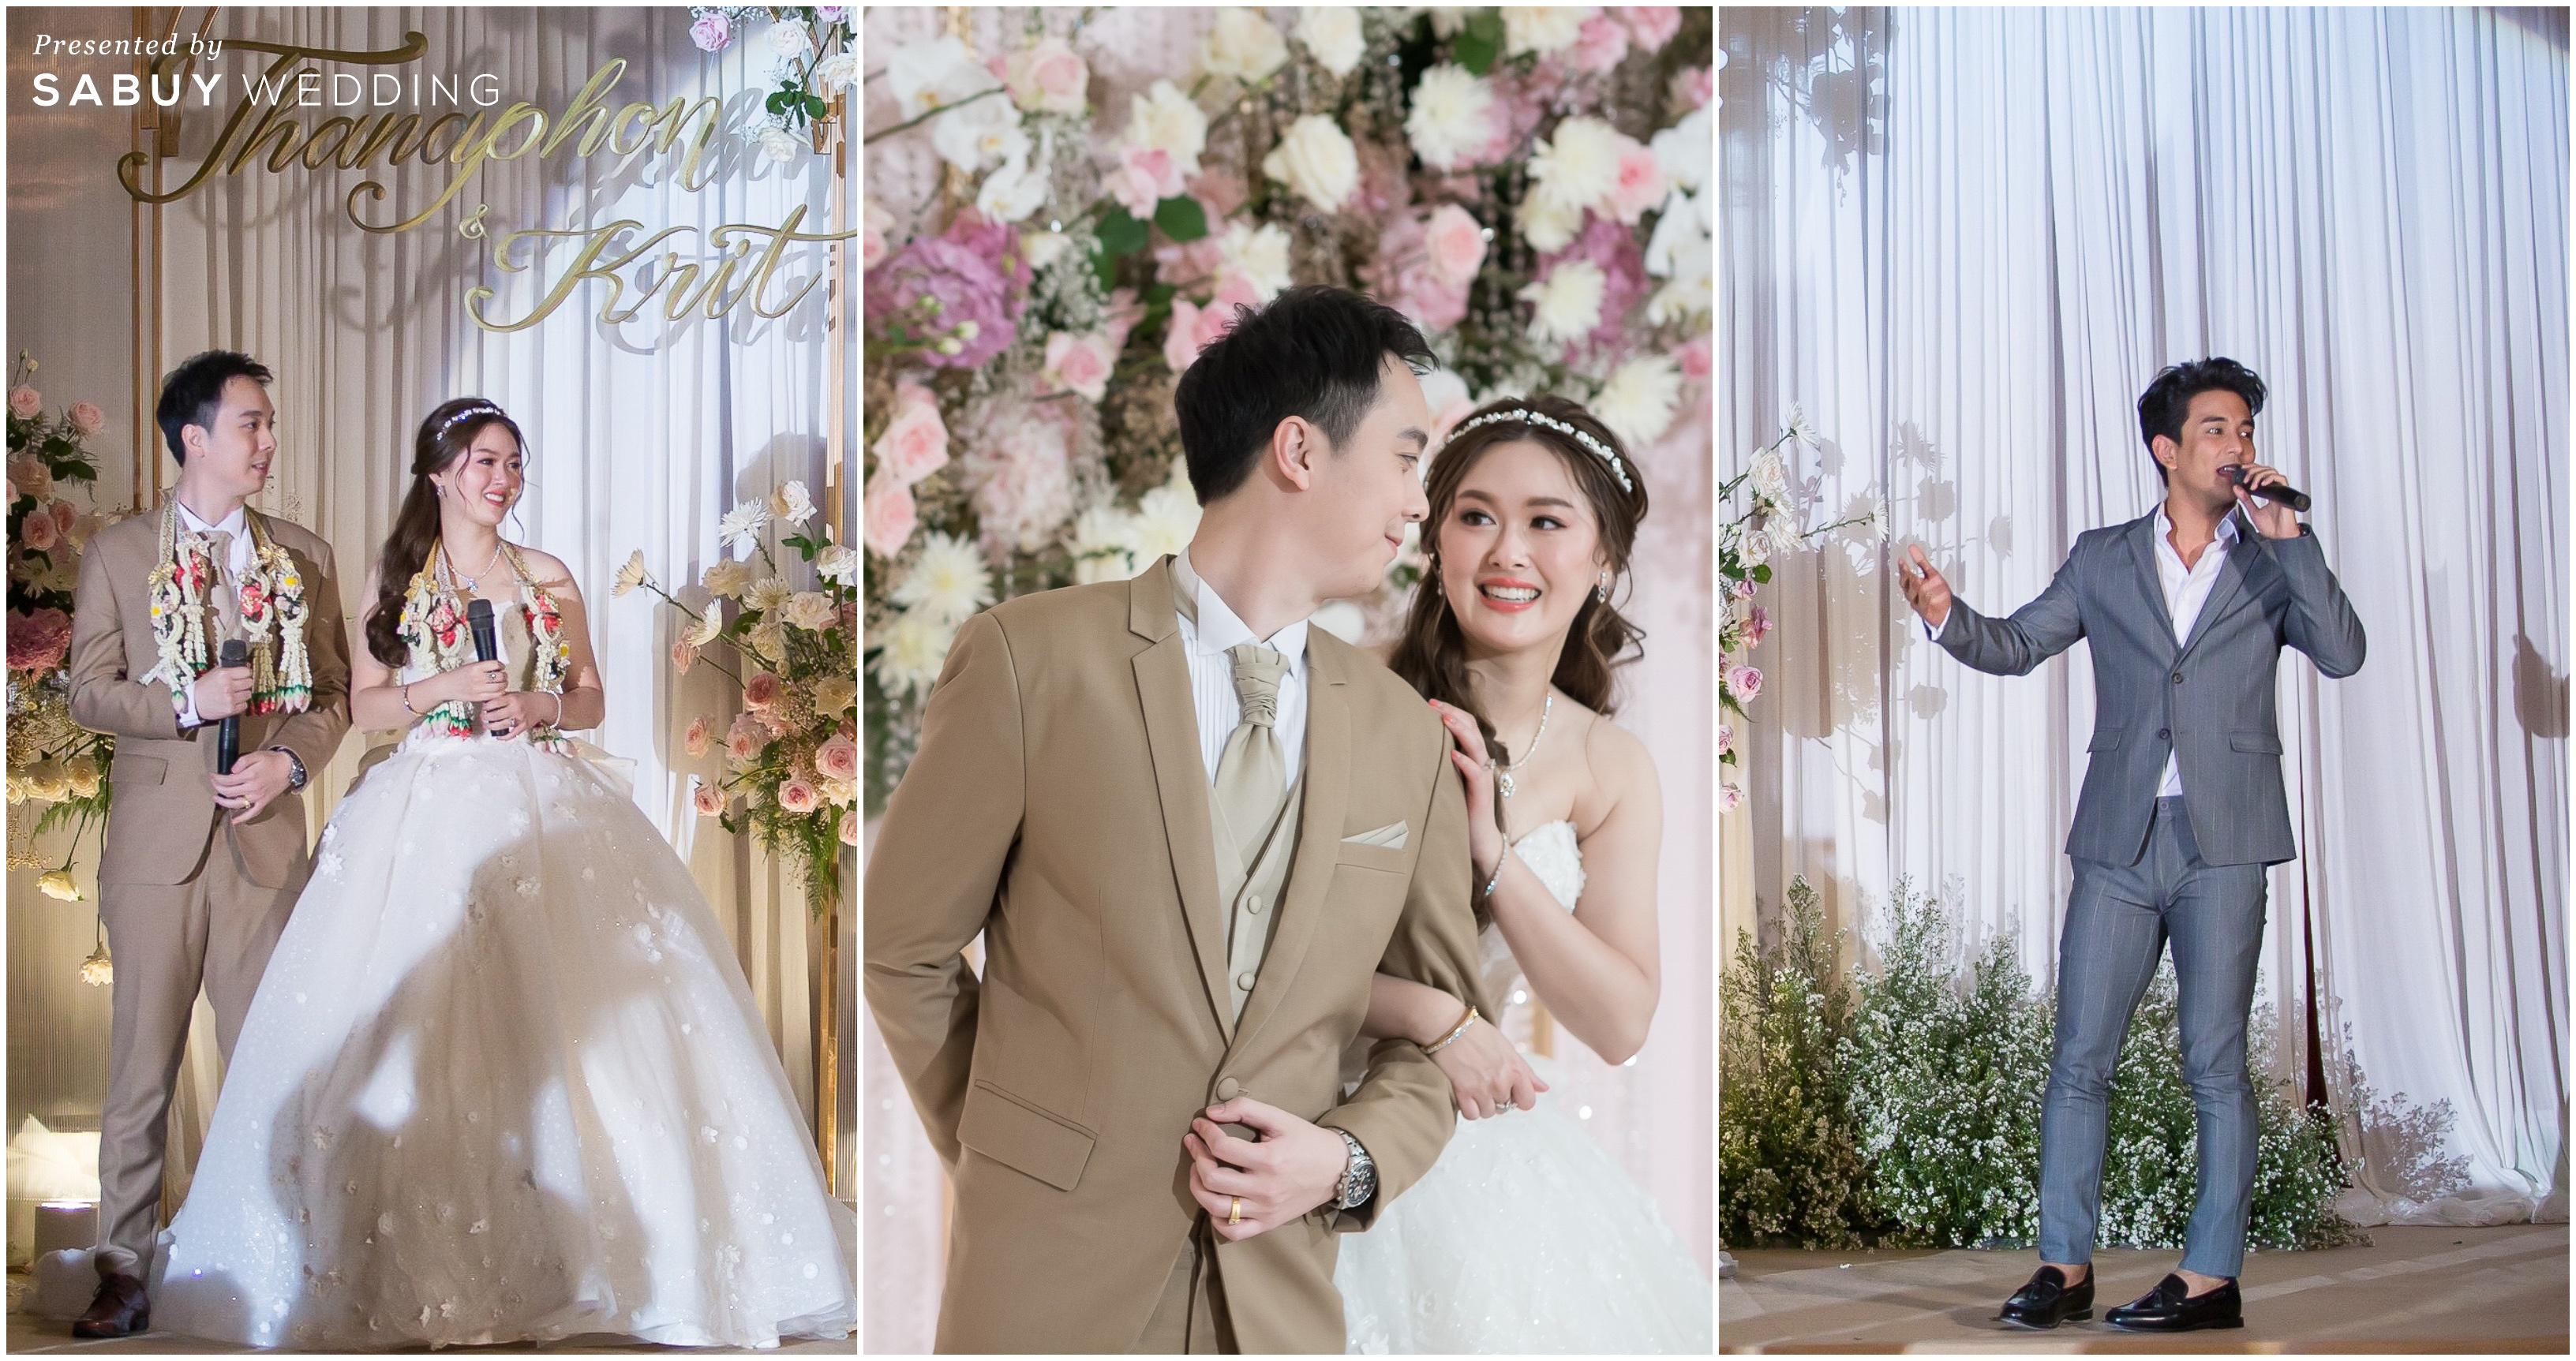 งานแต่งสวยโดนใจ แถมมีเซอร์ไพรส์จากศิลปินชื่อดัง By PaR Wedding Planner